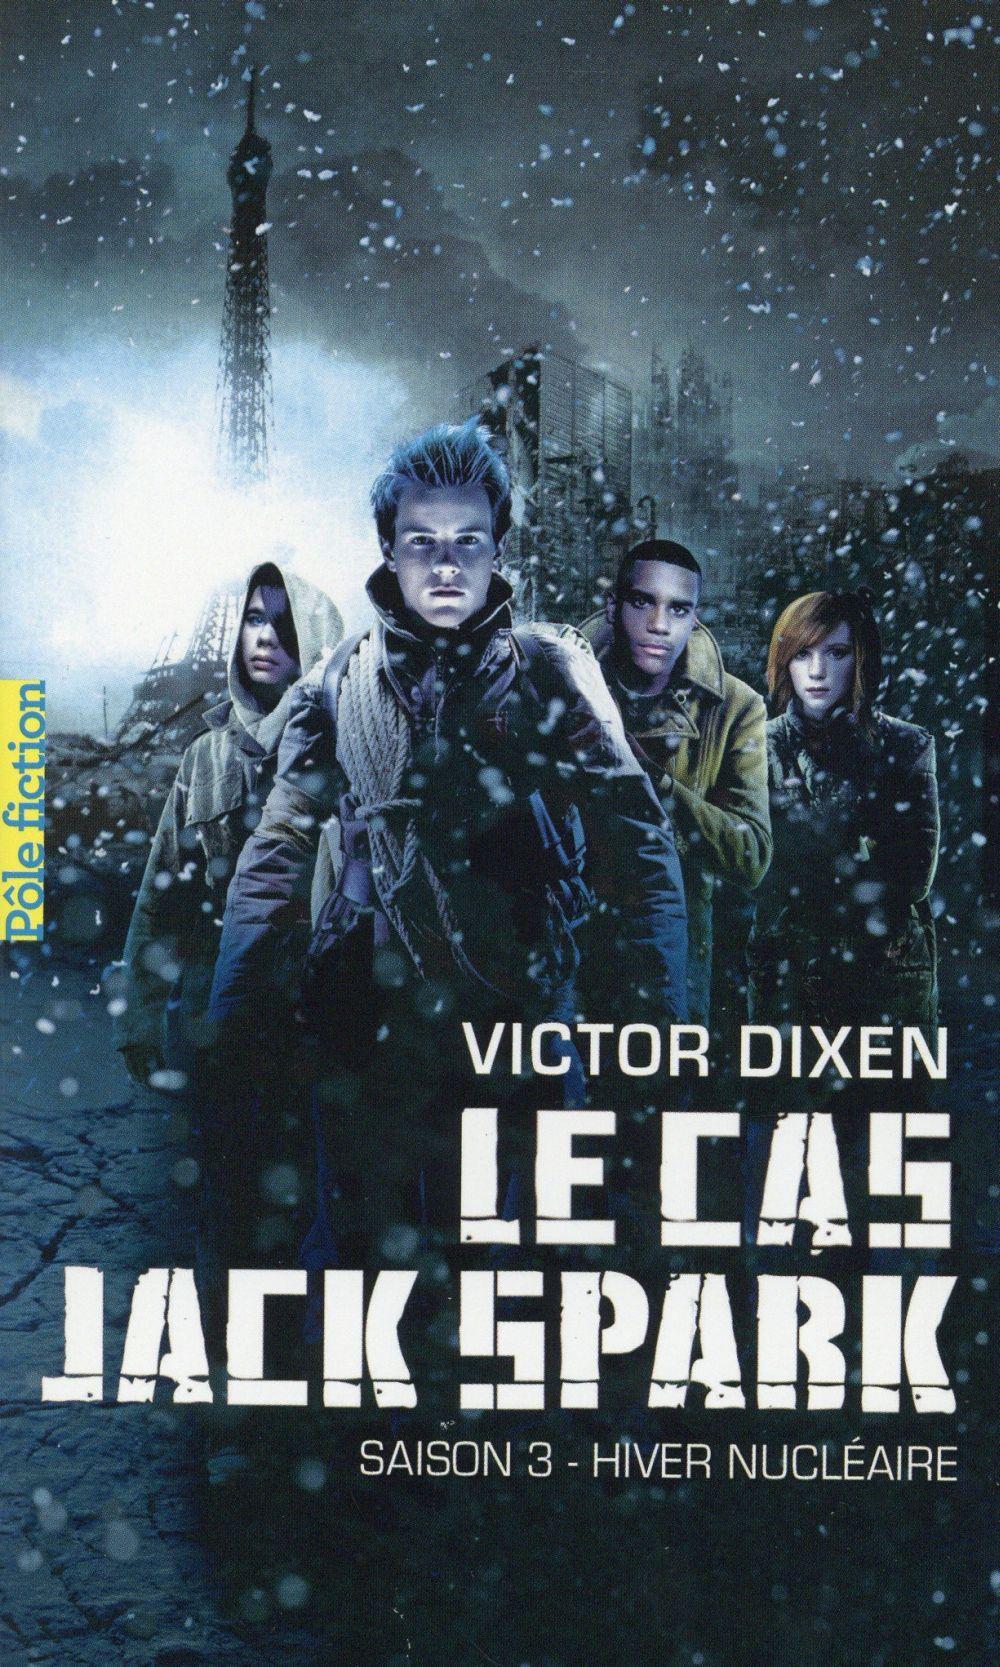 Le cas jack spark, saison 3 : hiver nucléaire